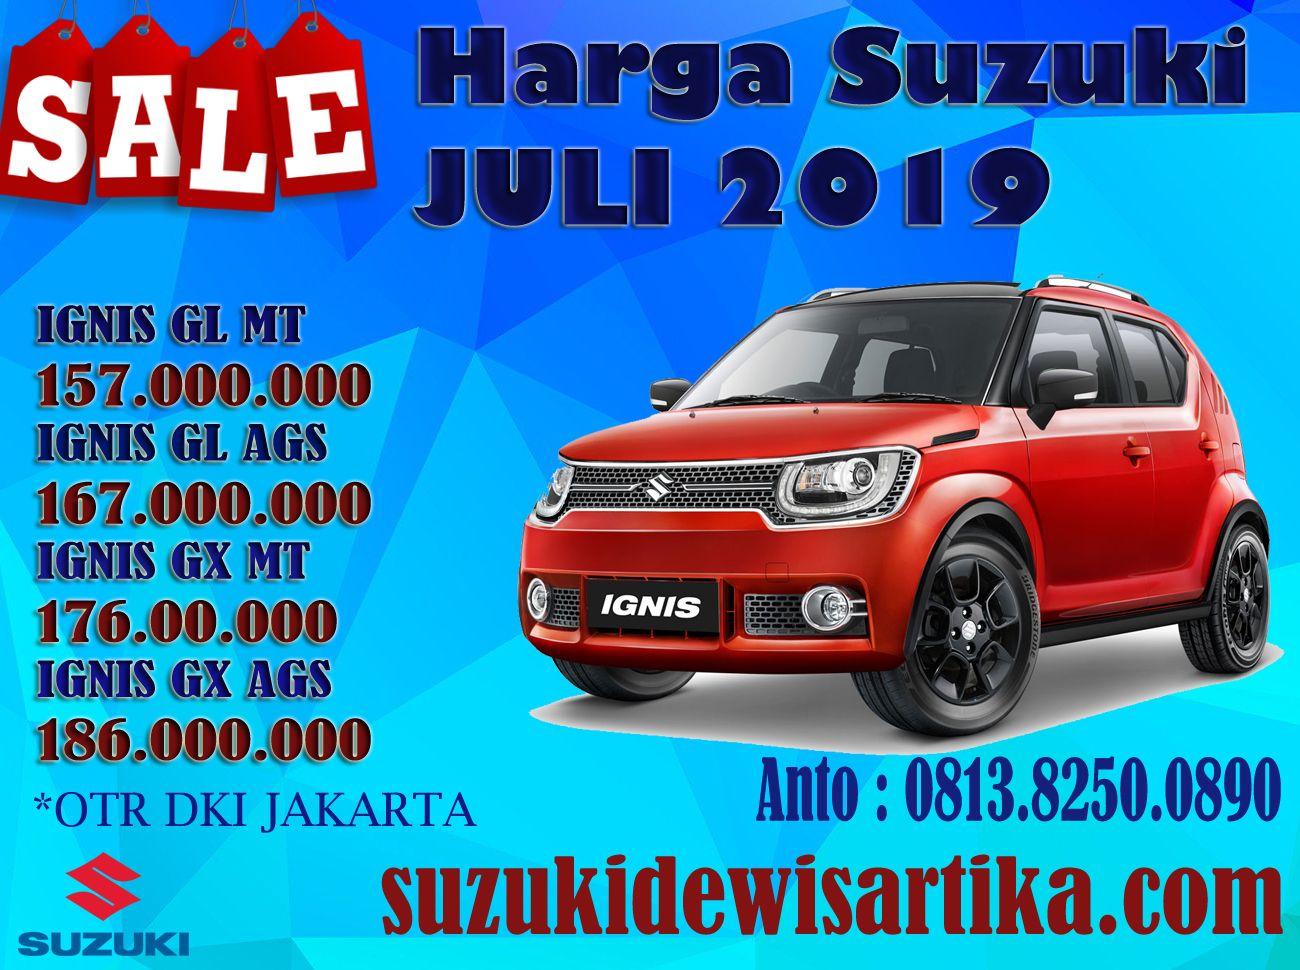 Harga Mobil Suzuki Ignis Bulan Juli 2019 Promo Paket Kredit Dp Dan